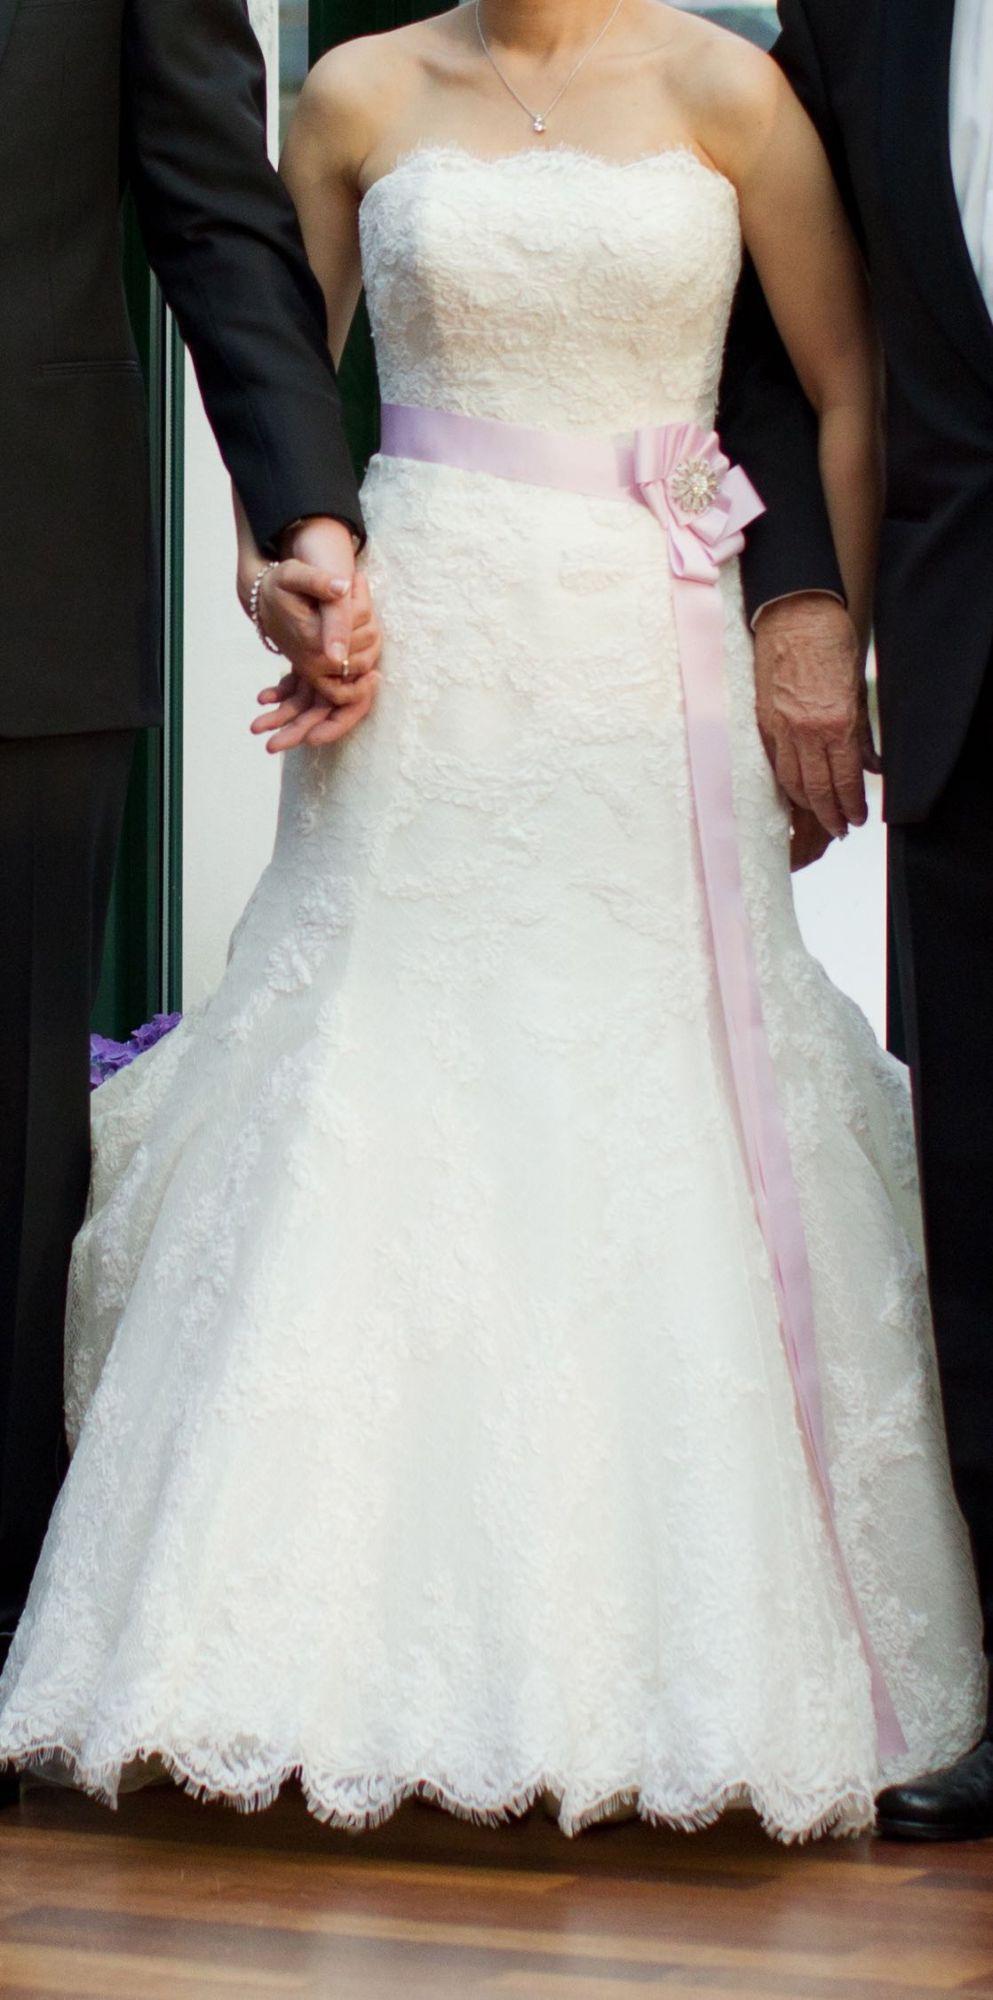 Brautkleid Frase Pronovias Gebraucht 900 Euro  Brautkleid